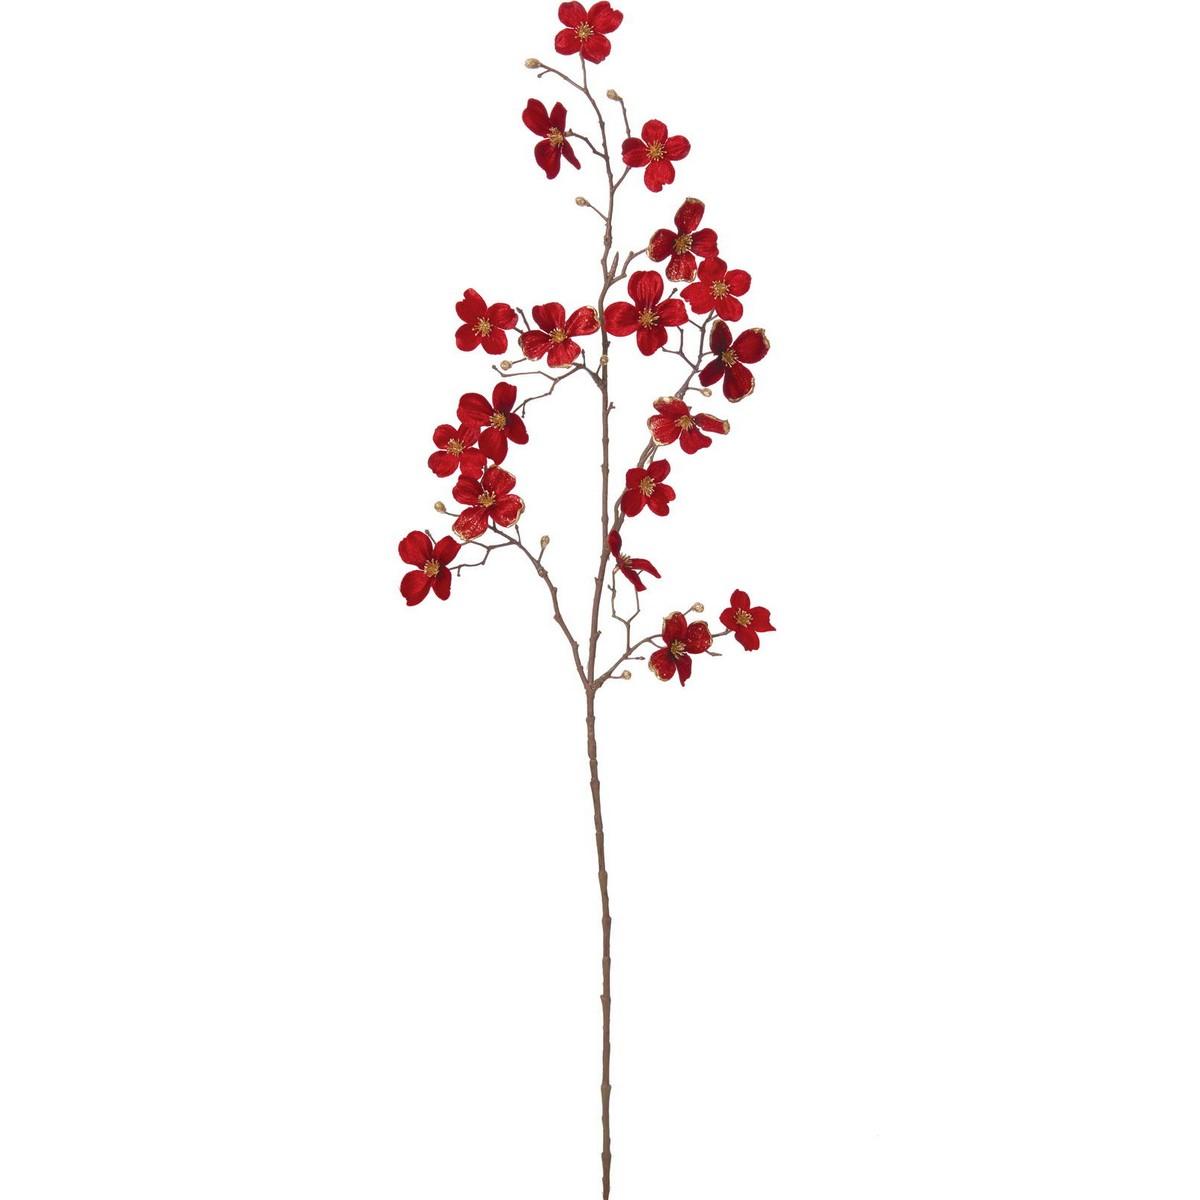 【造花】YDM/ベルベットドッグウッドブランチ/FS-5271R【01】【取寄】《 造花(アーティフィシャルフラワー) 造花 花材「ま行」 モクレン(木蓮)・マグノリア 》